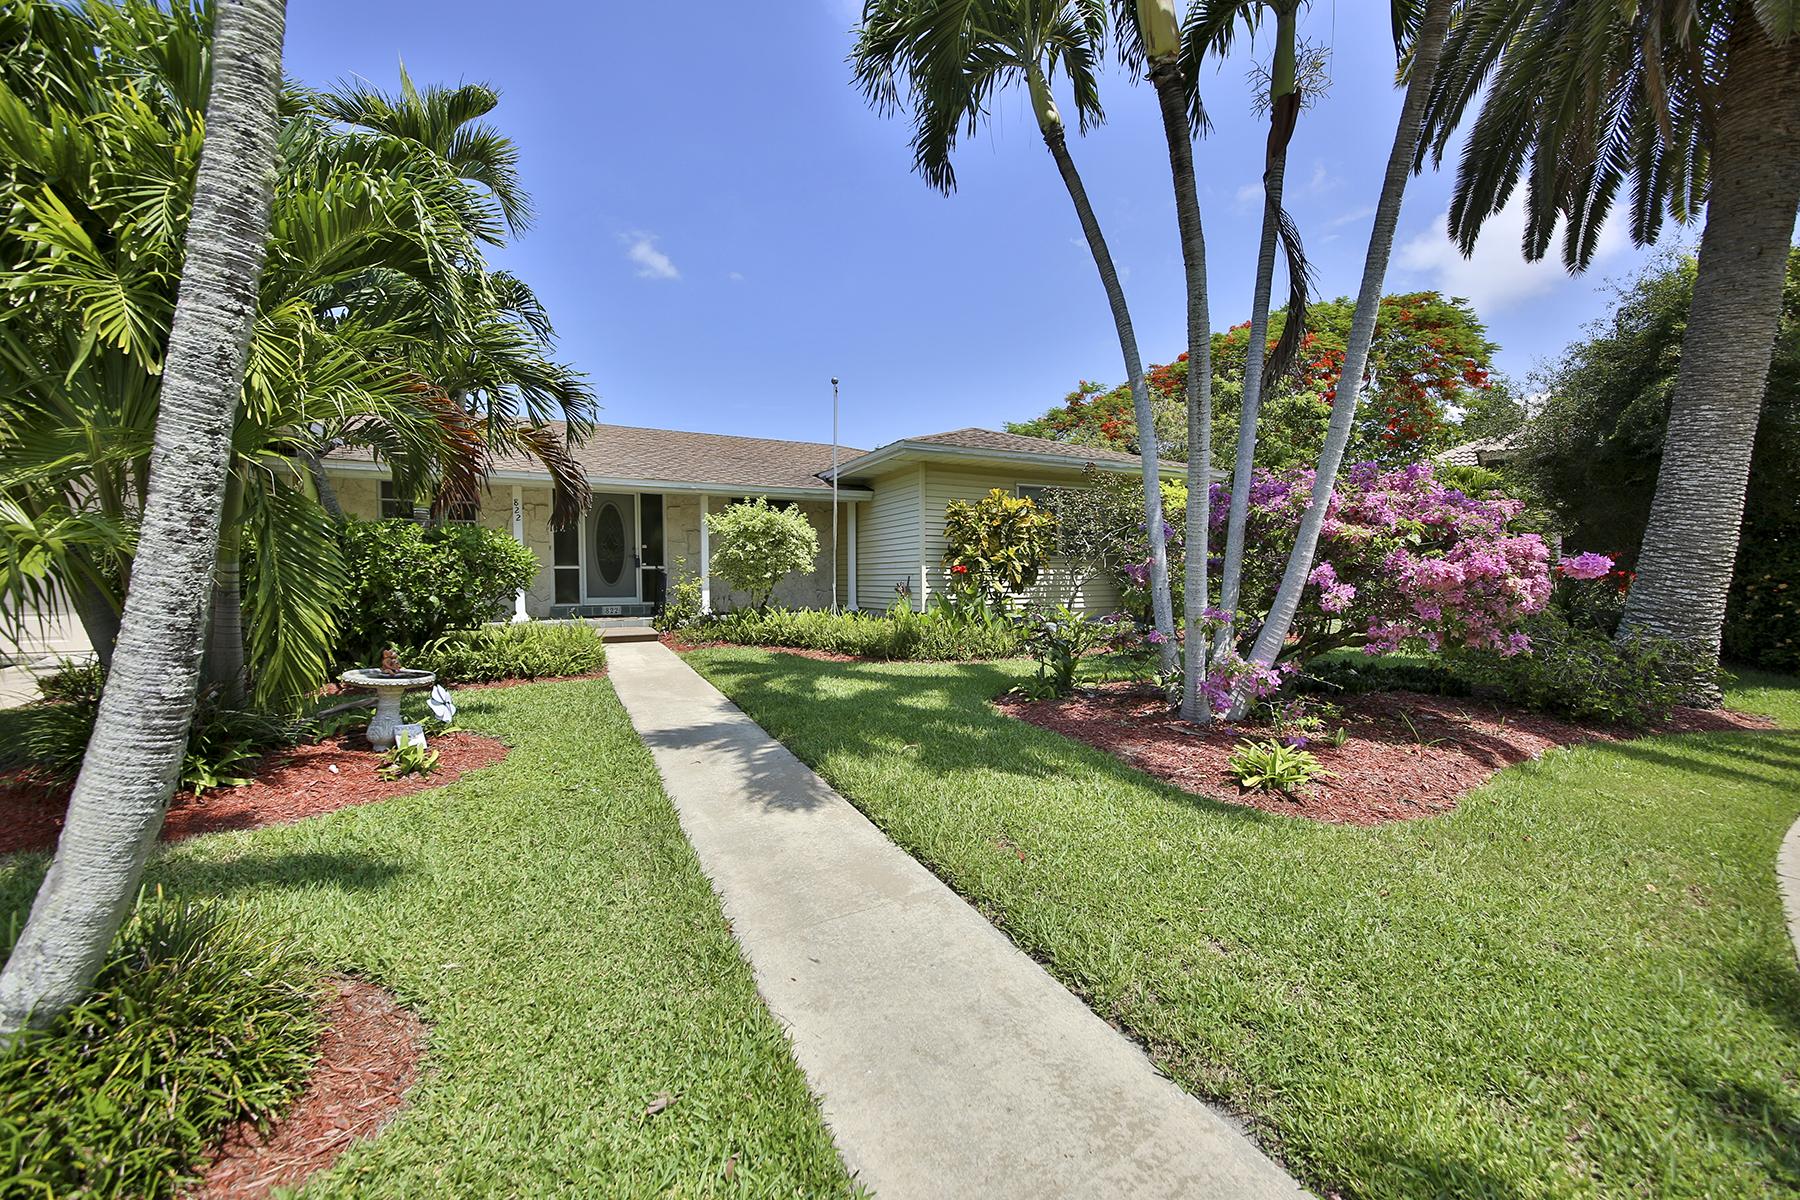 獨棟家庭住宅 為 出售 在 MARCO ISLAND - SATURN COURT 822 Saturn Ct Marco Island, 佛羅里達州 34145 美國